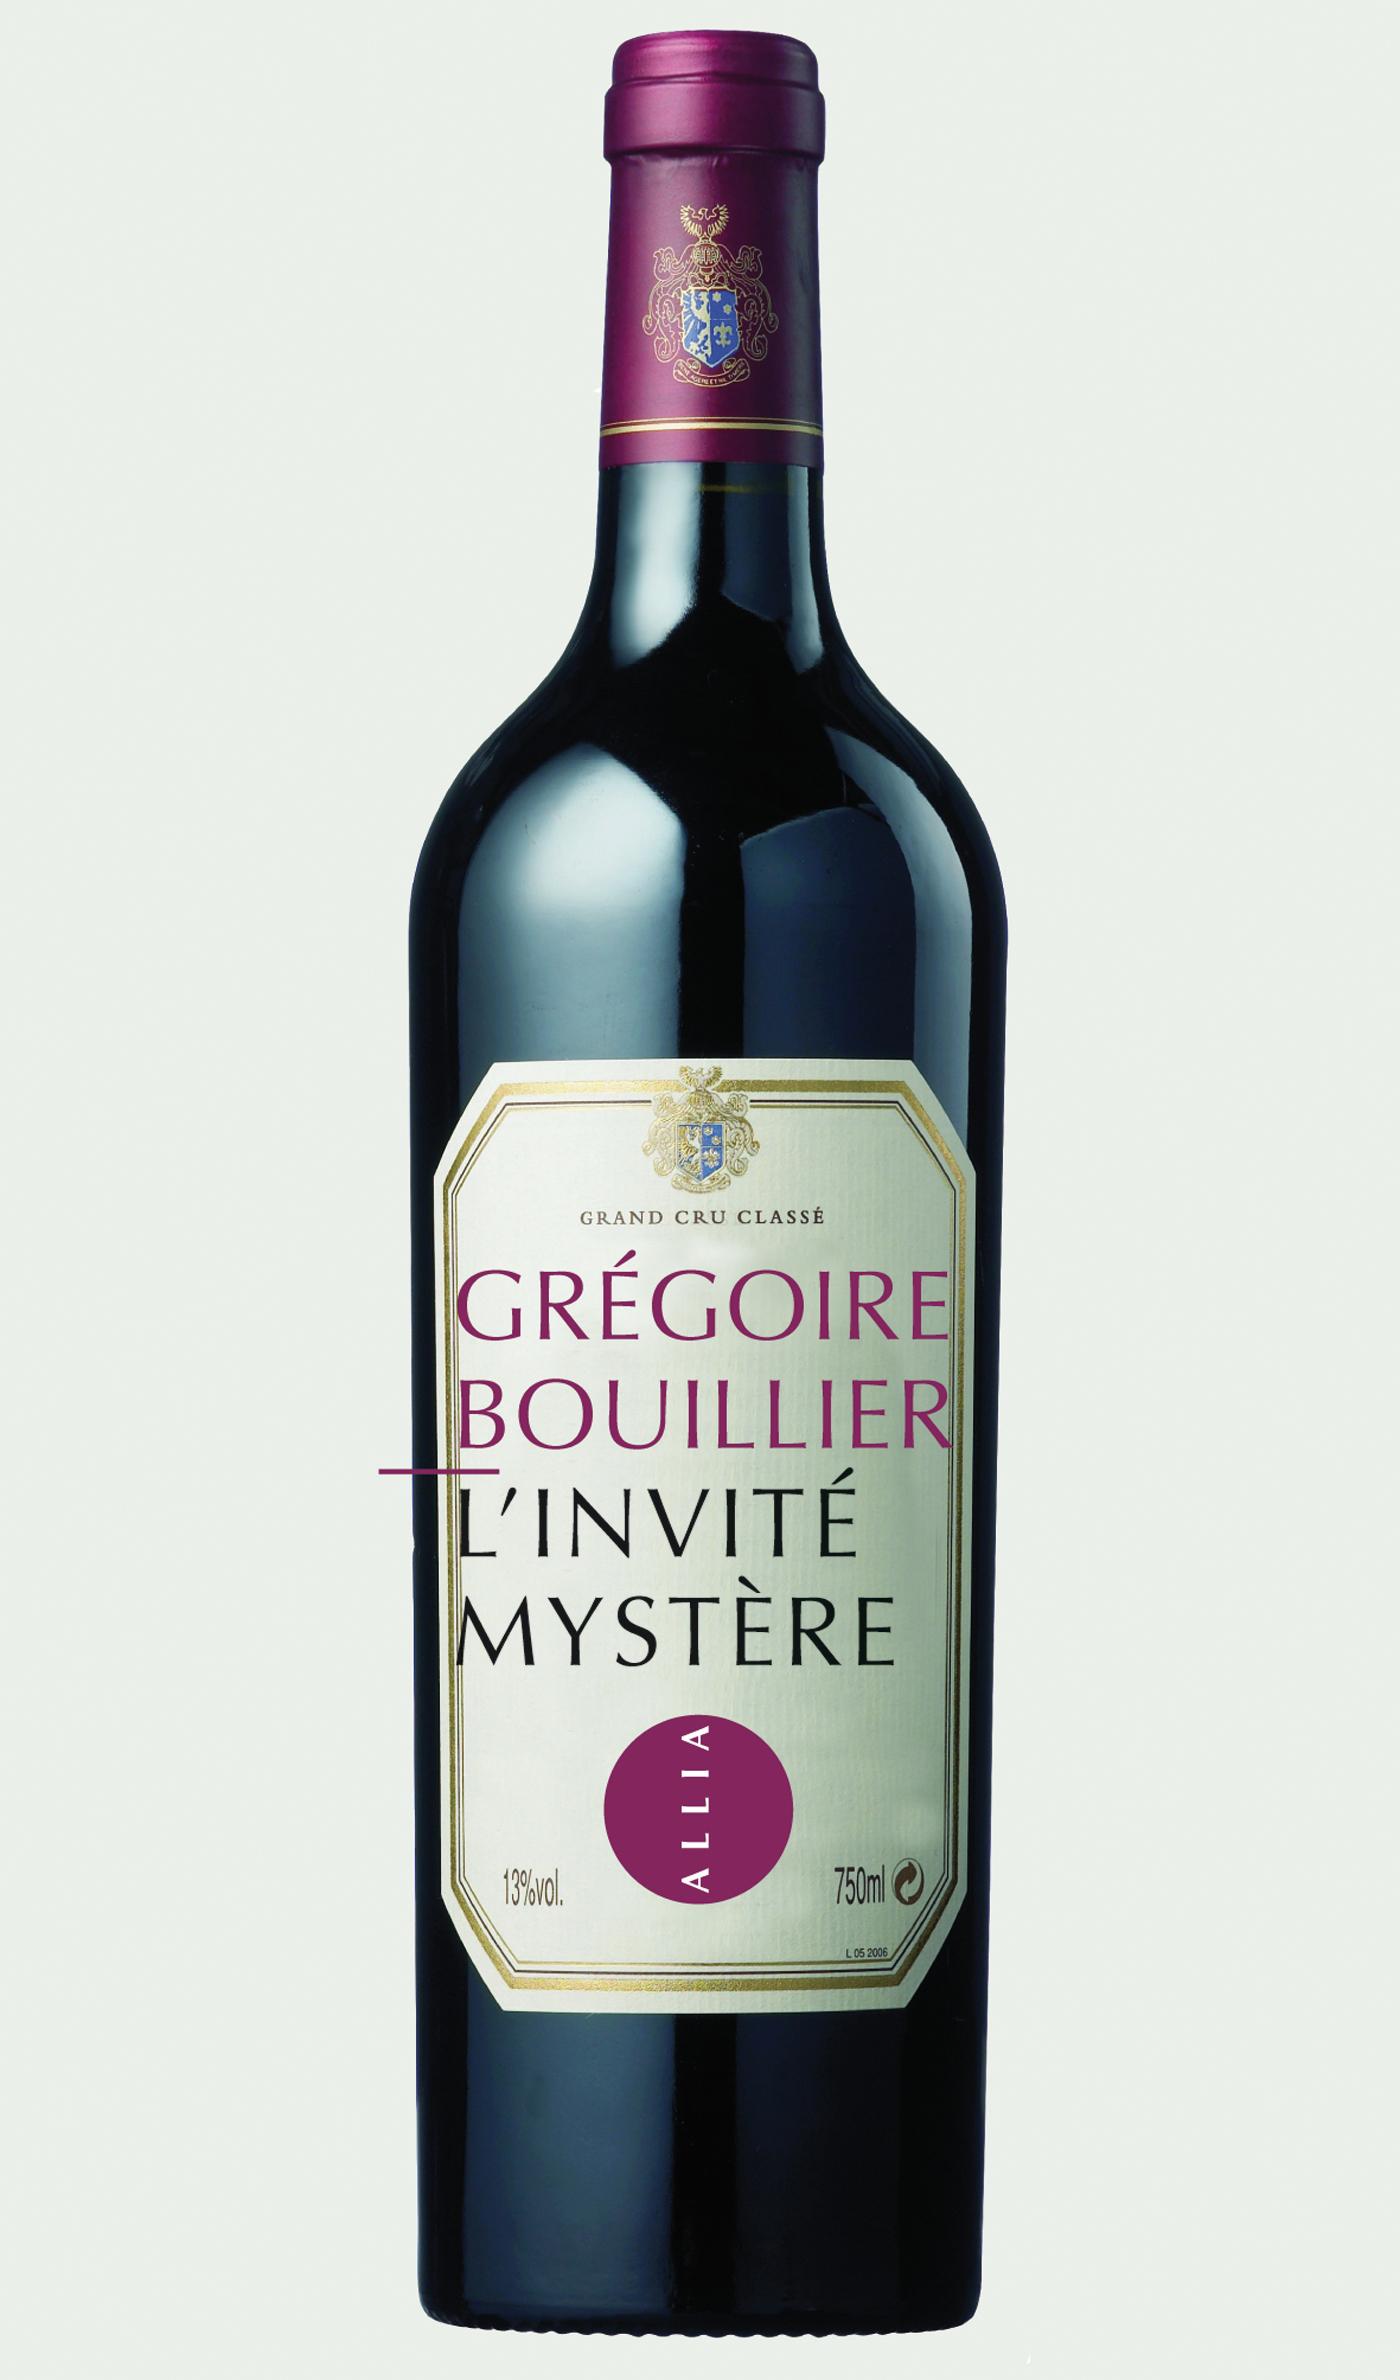 L'Invité mystère | BOUILLIER, Grégoire